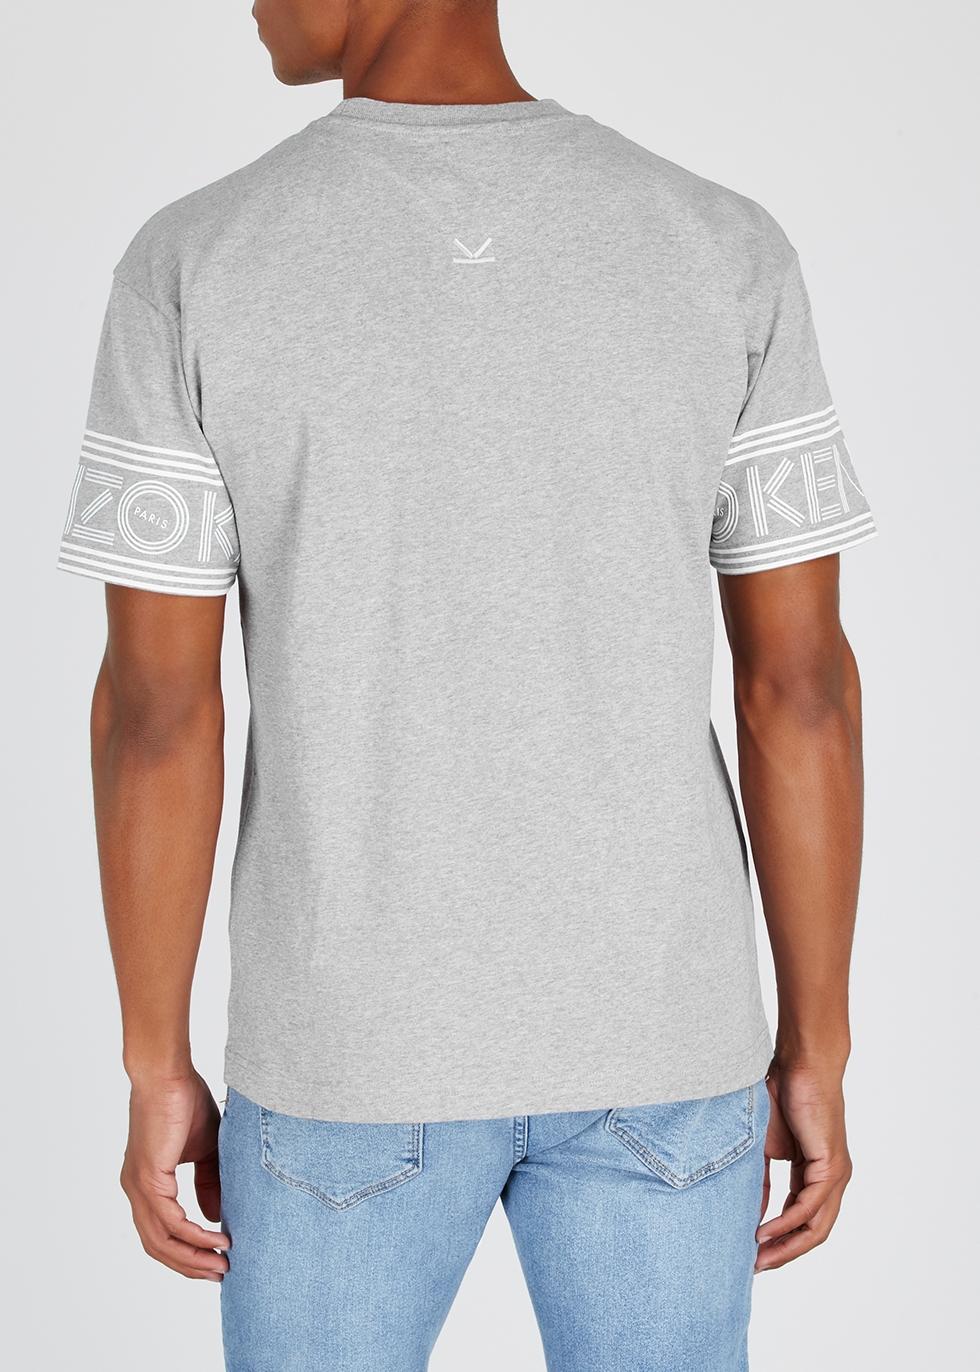 Grey logo-print cotton T-shirt - Kenzo